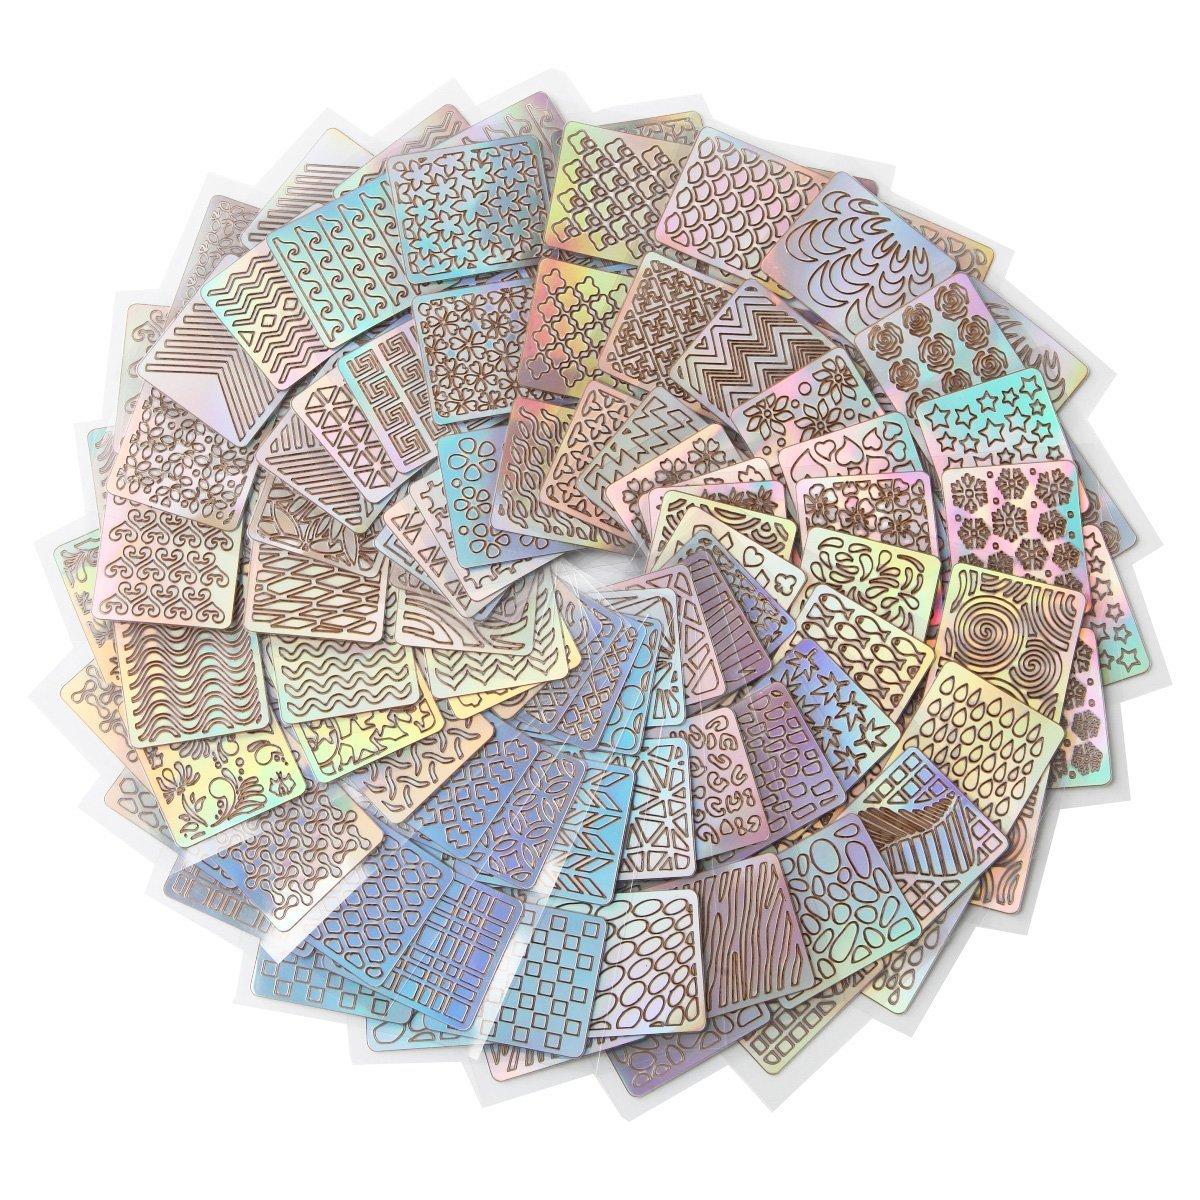 288 Stück Nagelaufkleber Vinyls Nail Art Maniküre Schablone DIY ...